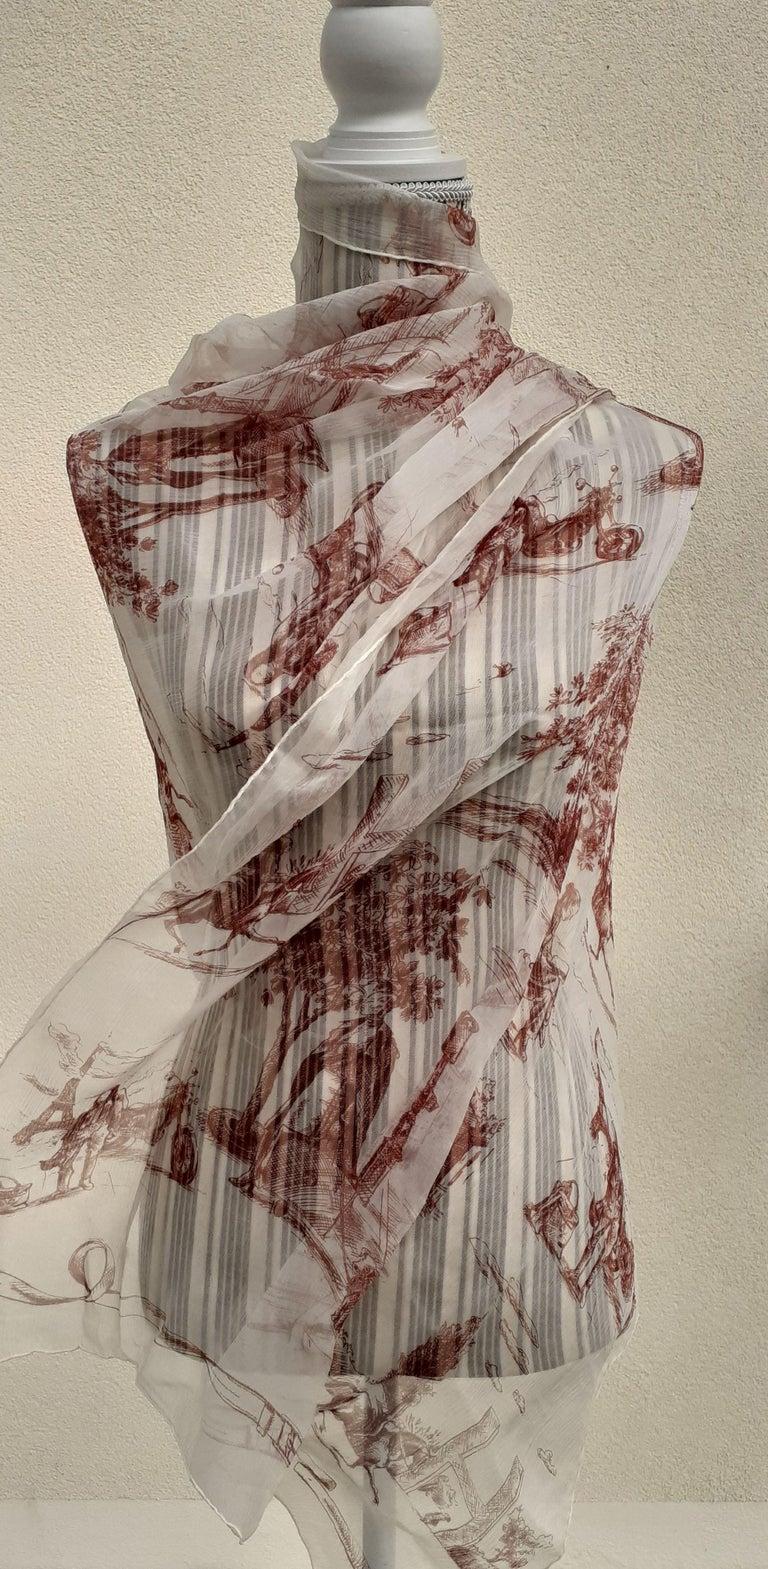 Hermès Chiffon Mousseline Silk Scarf Long Stole Toile de Jouy Pattern Rare For Sale 13